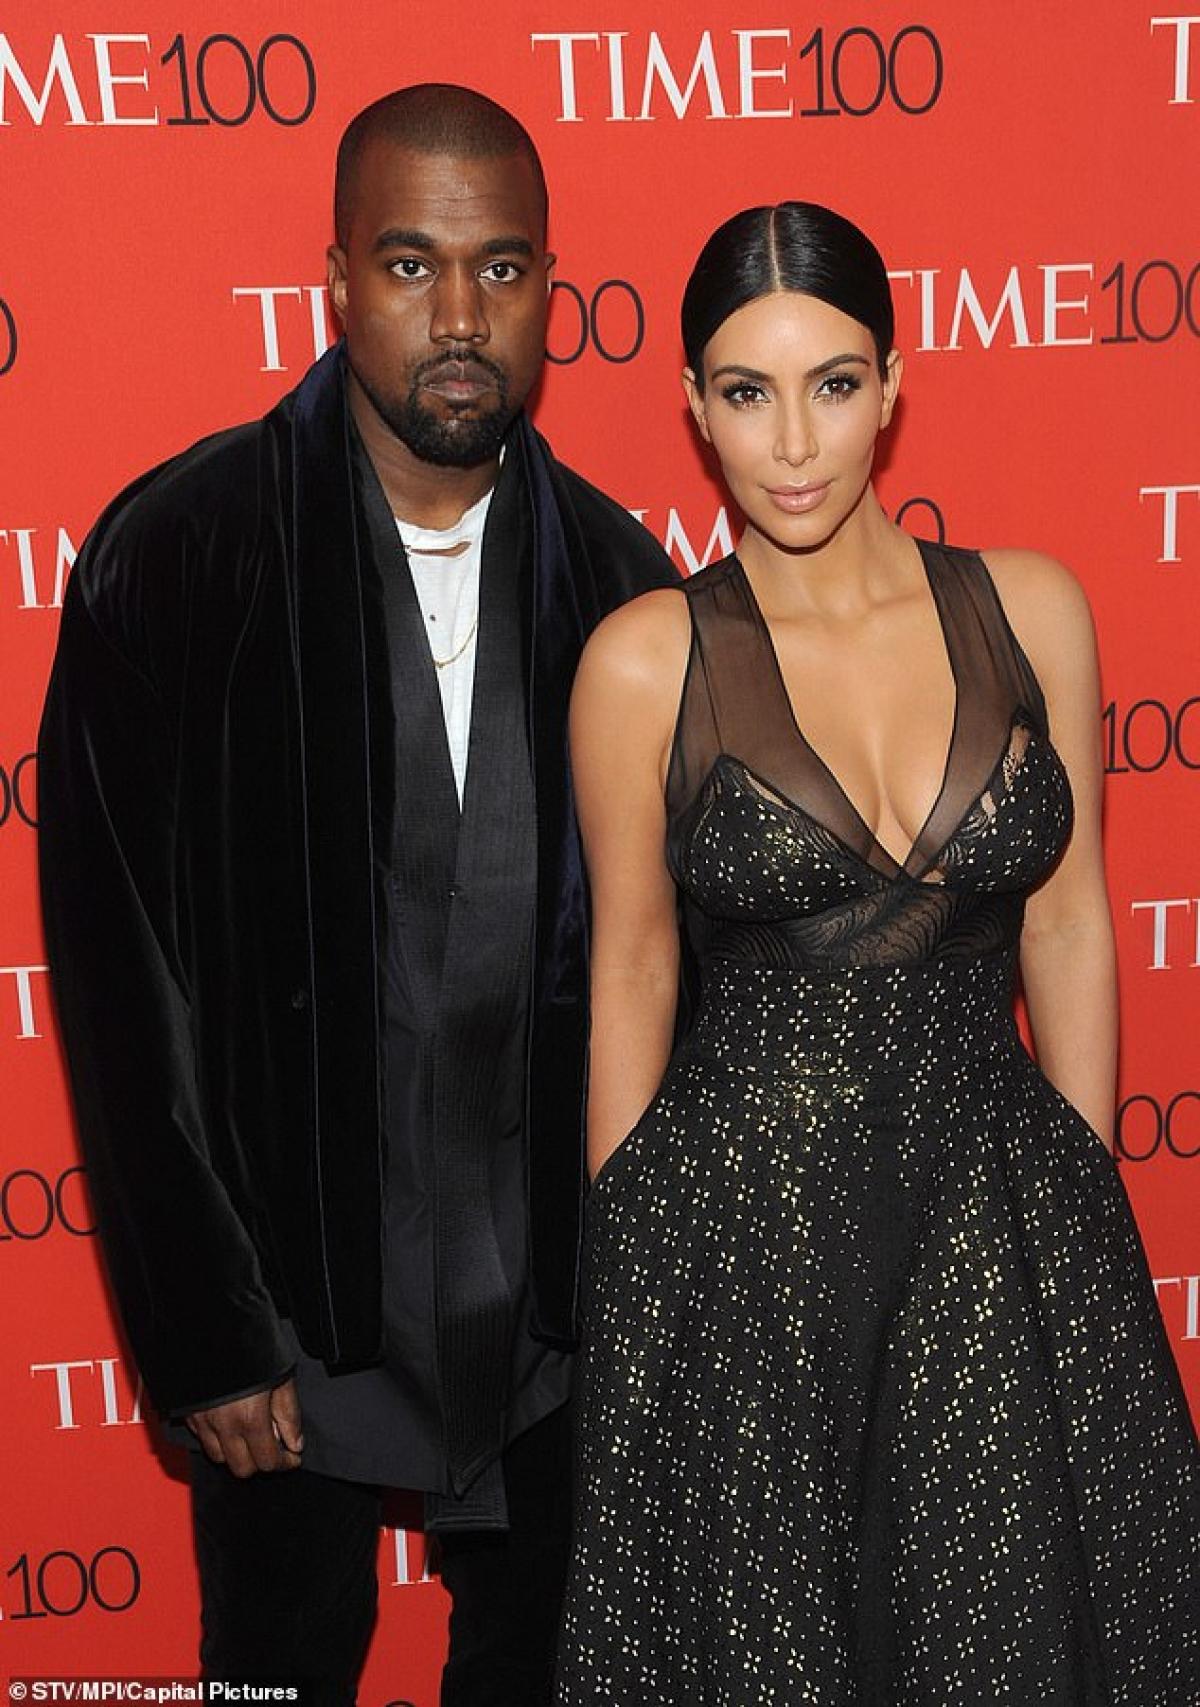 """Tuy nhiên TMZ đưa tin rằng cặp đôi đã tham gia tư vấn hôn nhân được một thời gian nhưng """"họ vẫn chưa từ bỏ"""". Nguồn tin của họ nói rằng Kim đã nhiều lần đề cập đến việc chia tay Kanye là tốt nhưng """"vẫn chưa có quyết định cuối cùng"""". Sự rạn nứt xảy ra sau một năm sóng gió đối với cặp đôi và một năm mà Kanye tự ứng cử và thất bại trong cuộc đua bầu cử tổng thống Mỹ./."""